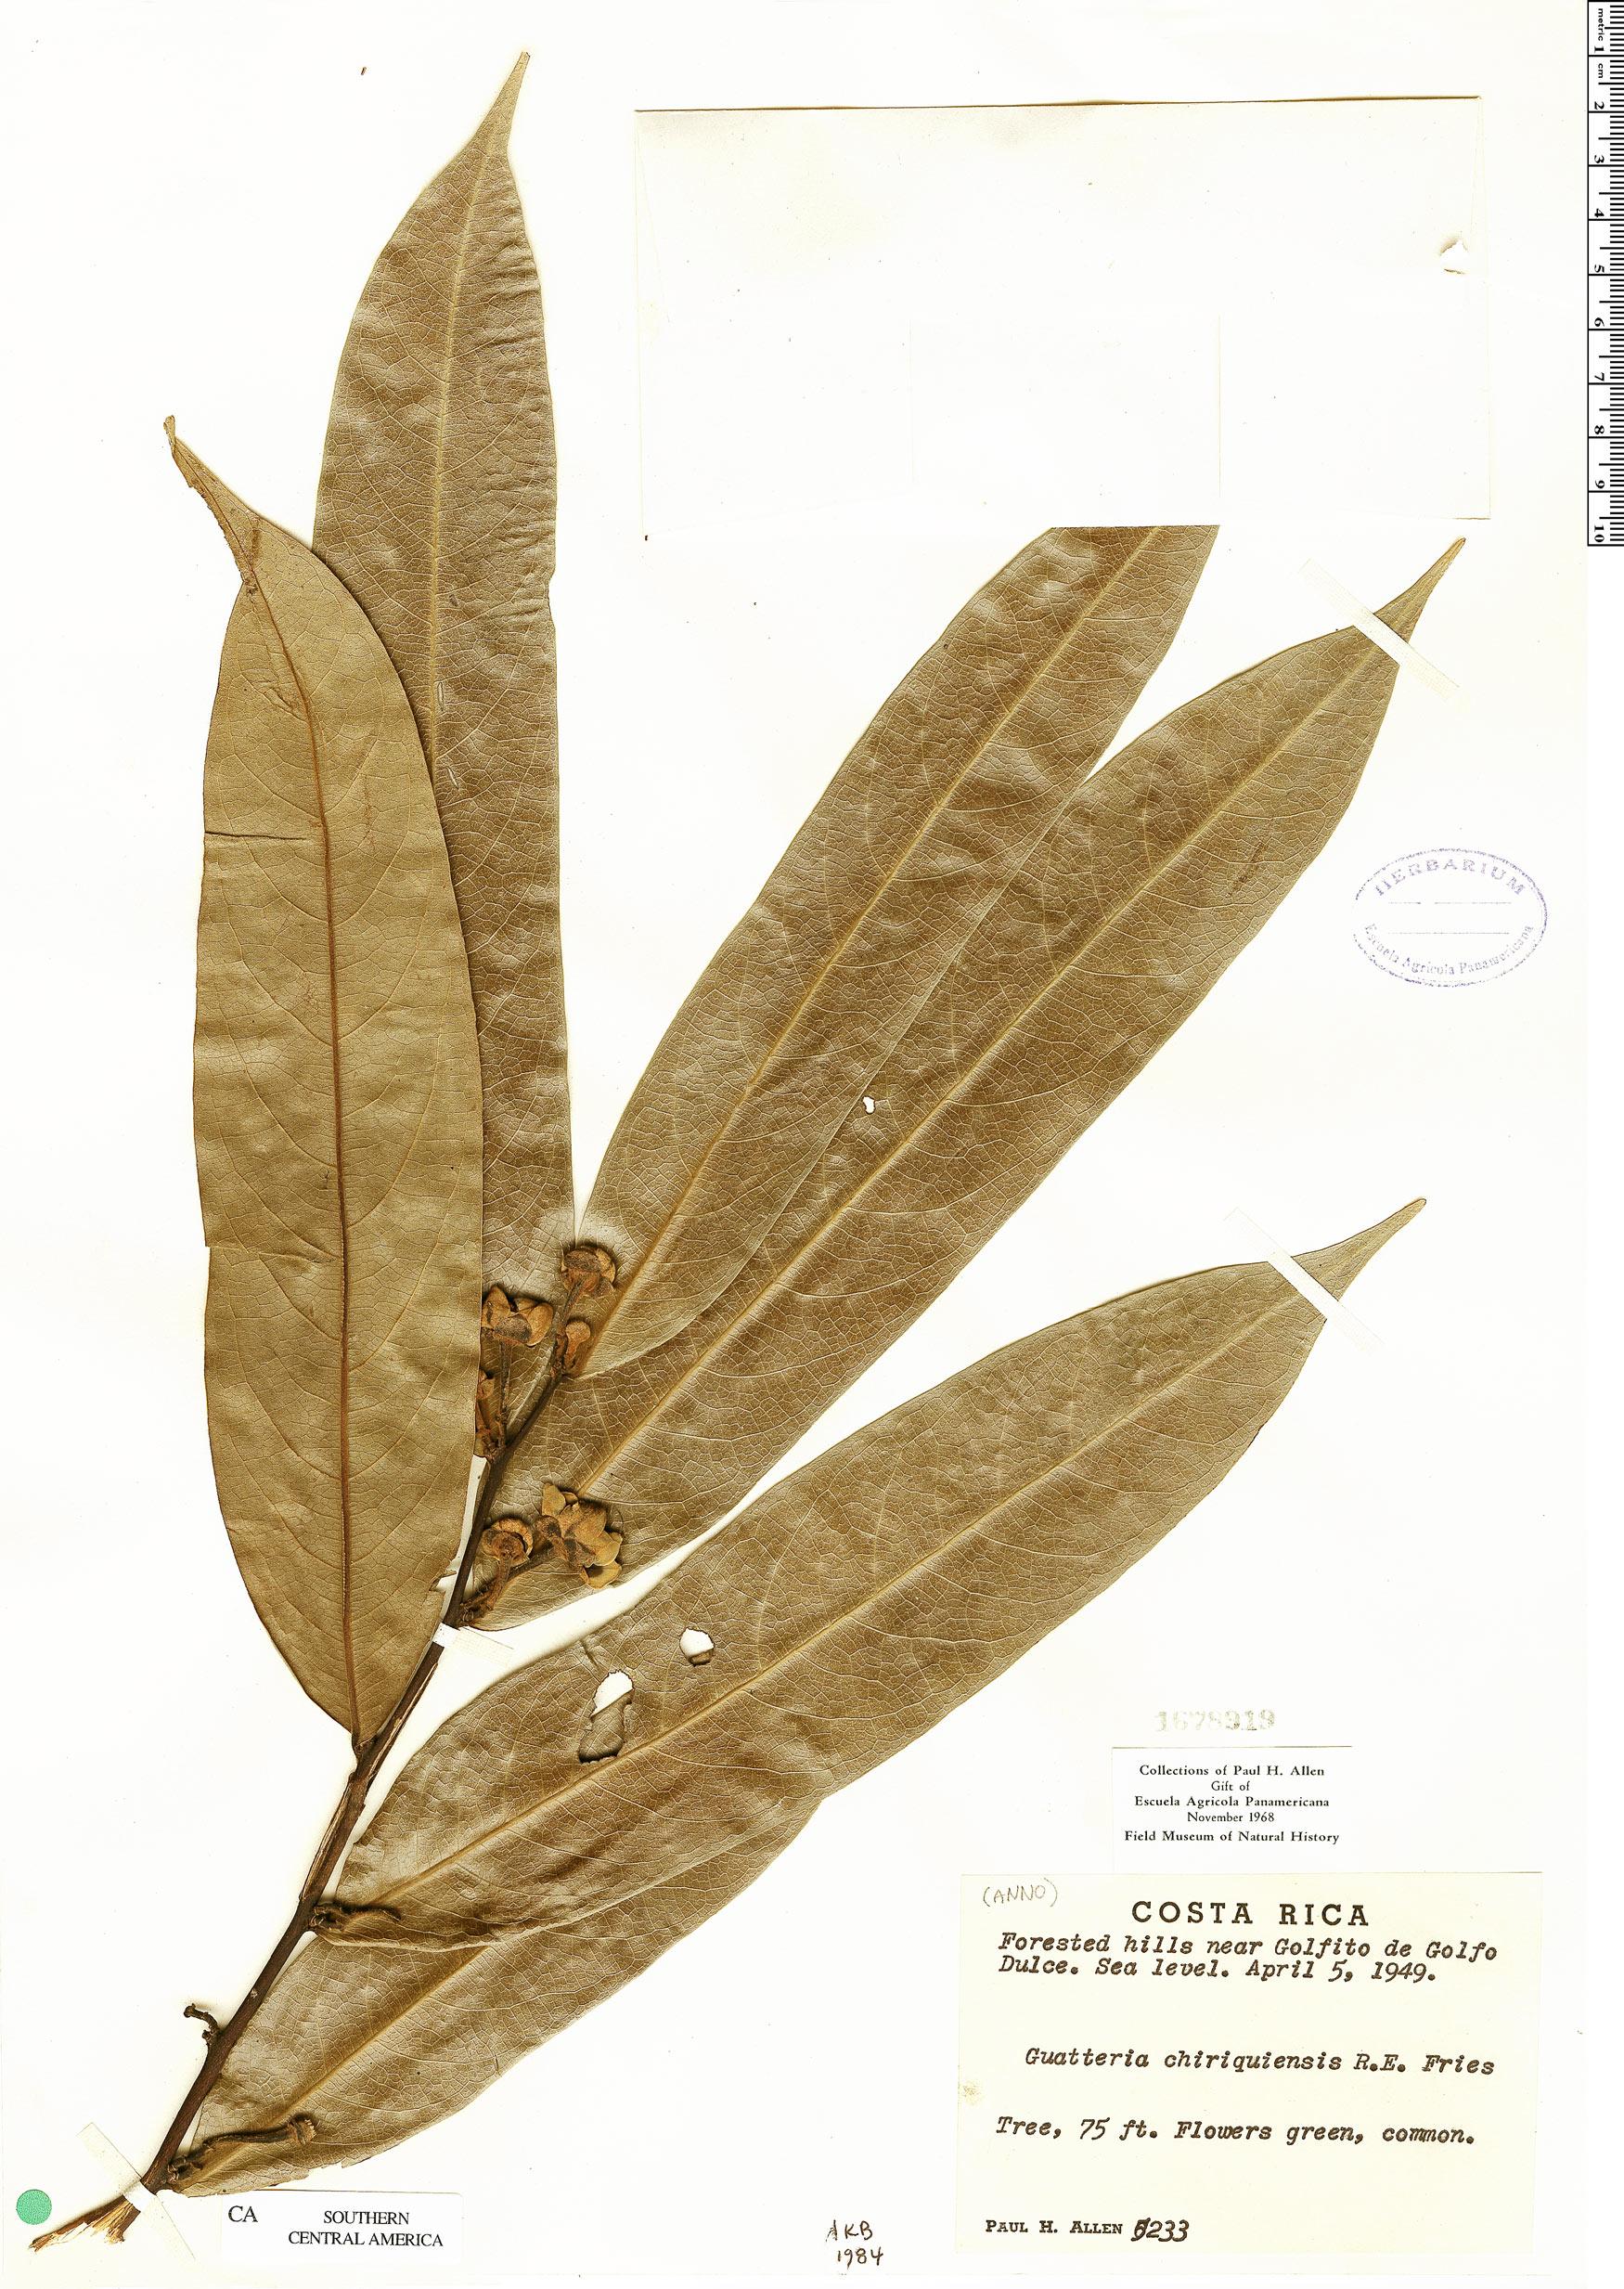 Specimen: Guatteria chiriquiensis